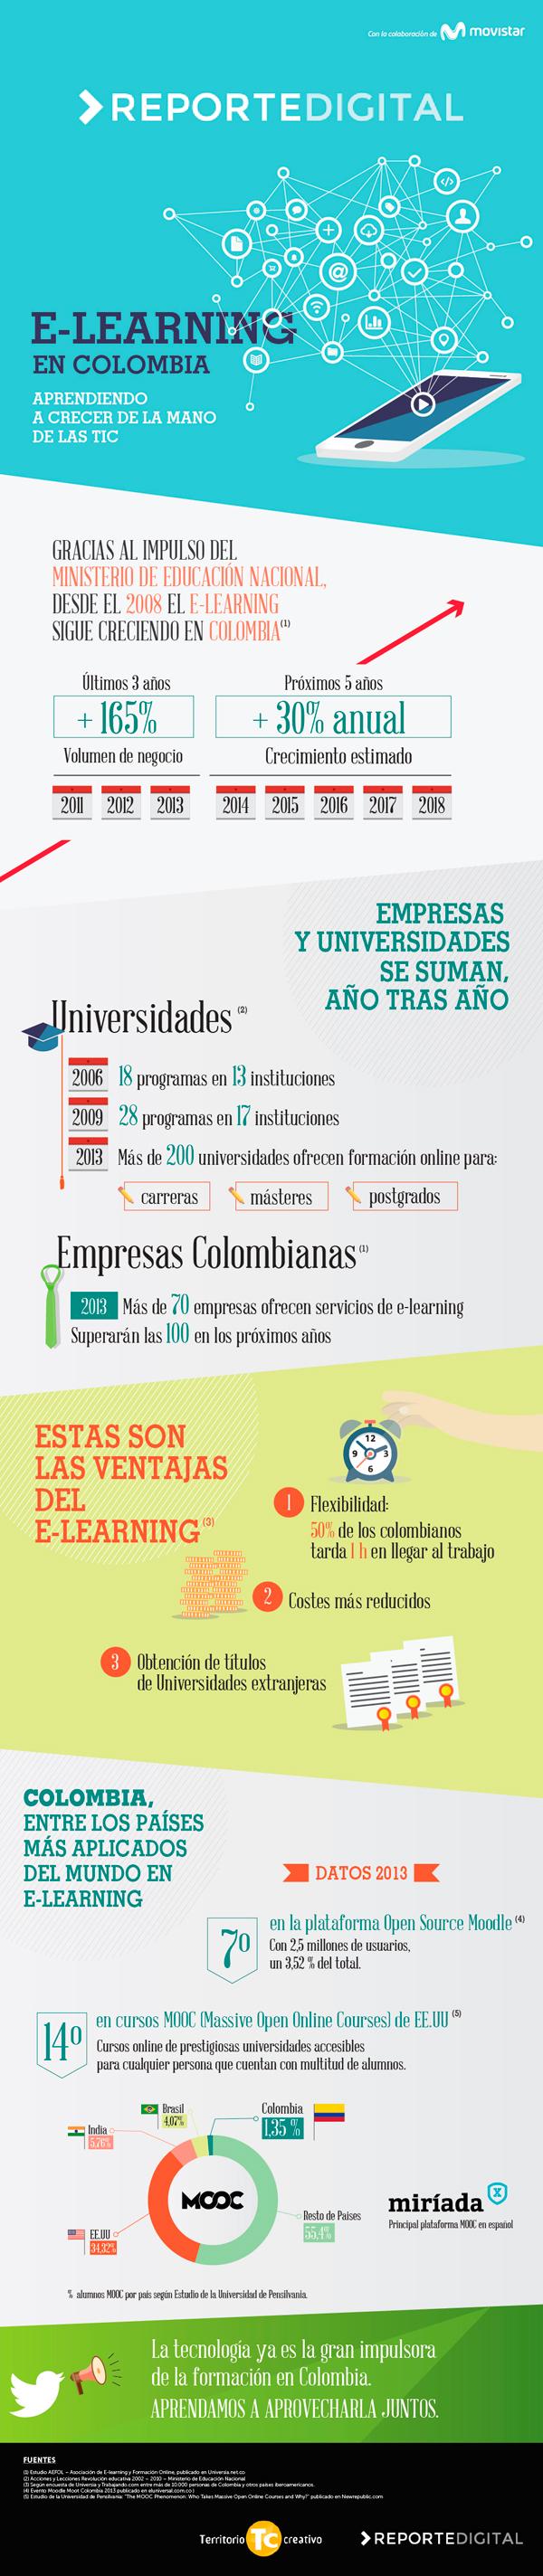 eLearning en Colombia